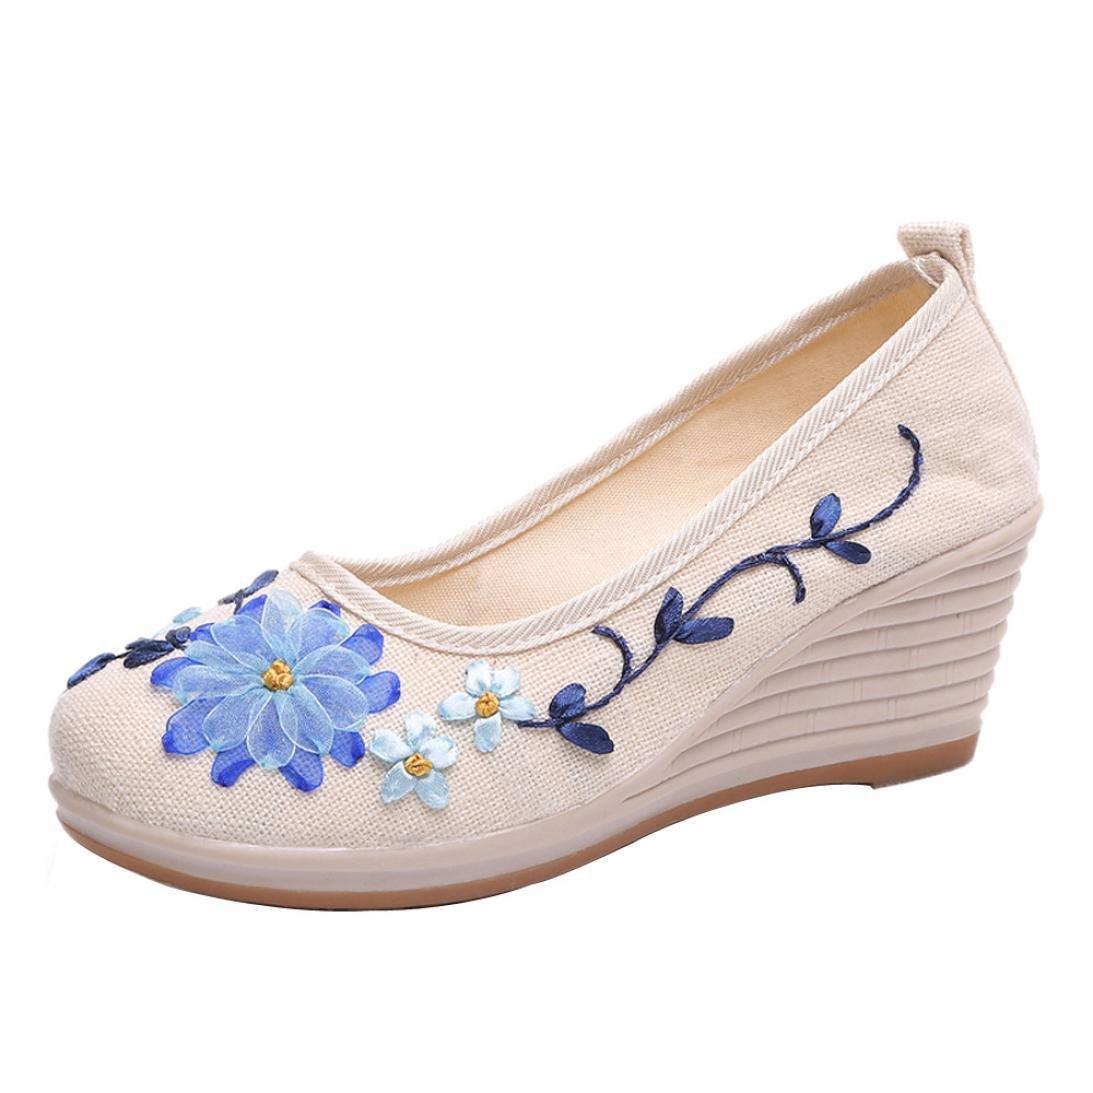 Lazzboy Damen Ethnischer Stil Flachs mit Gesticktem Rib Bottom Casual Schuhe  36.5 EU|Wei?